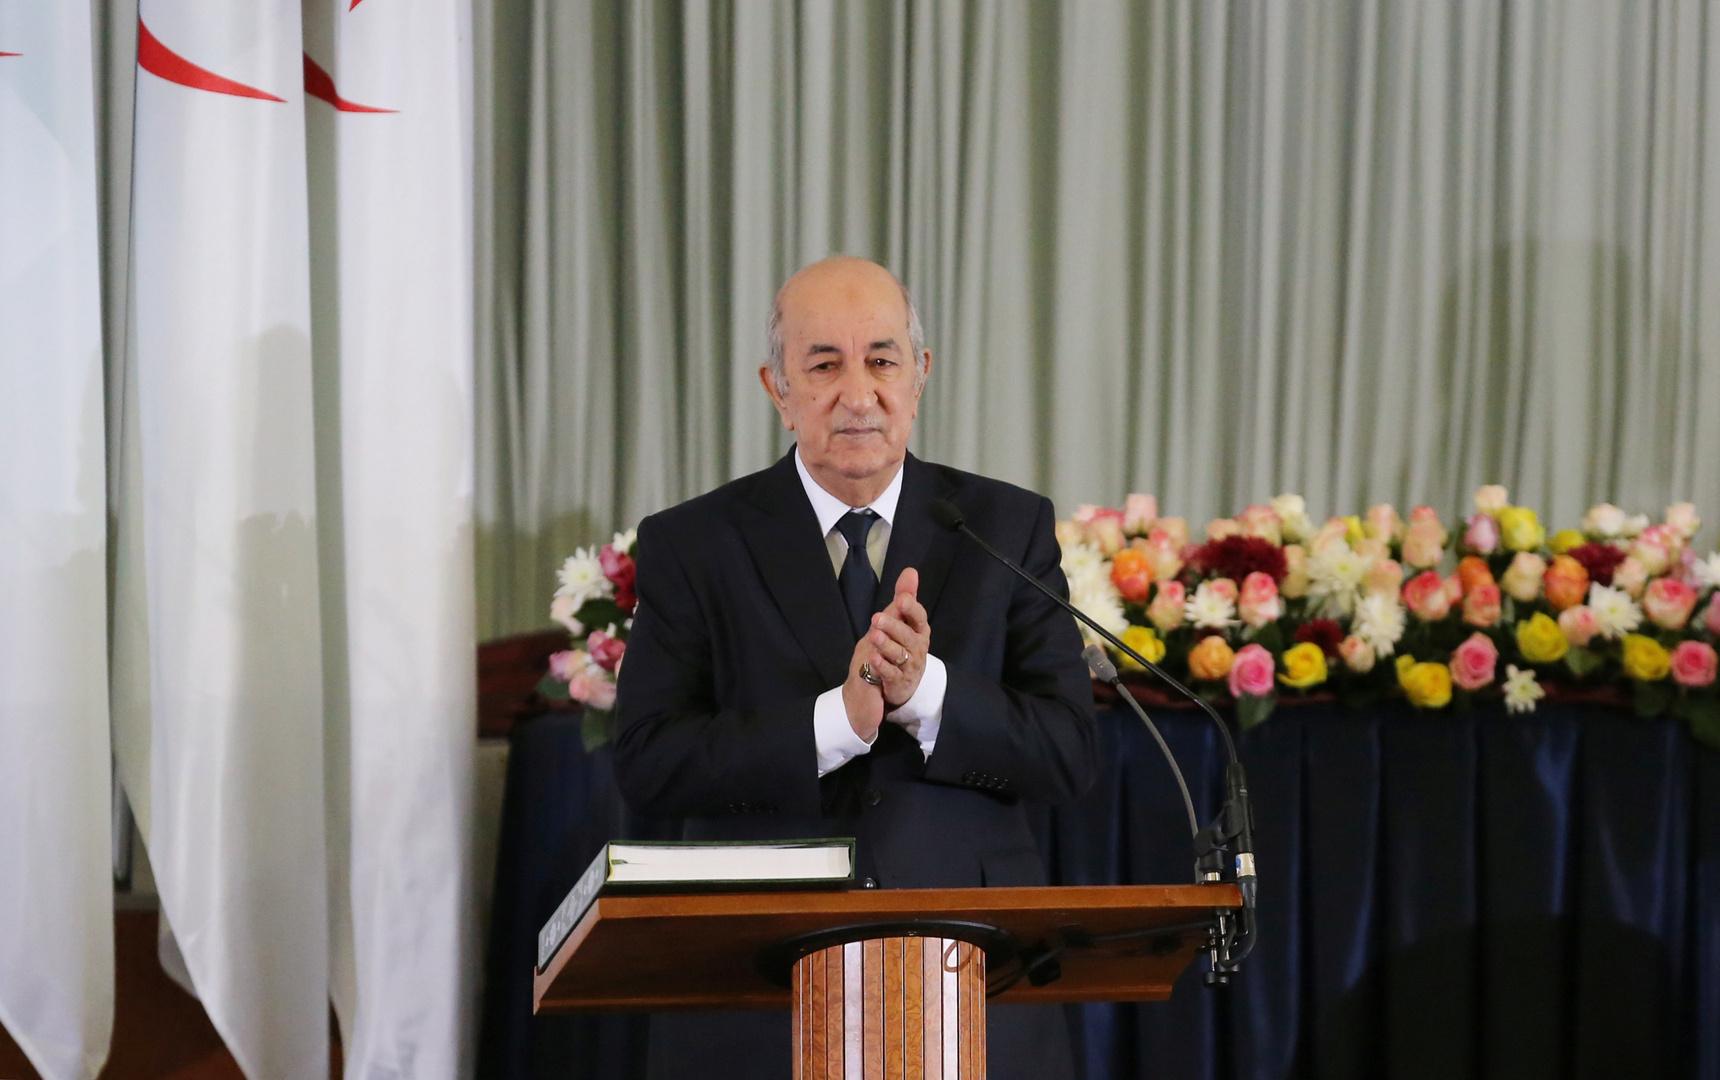 الرئيس الجزائري مخاطبا من أراد استهداف بلاده بعد سوريا: